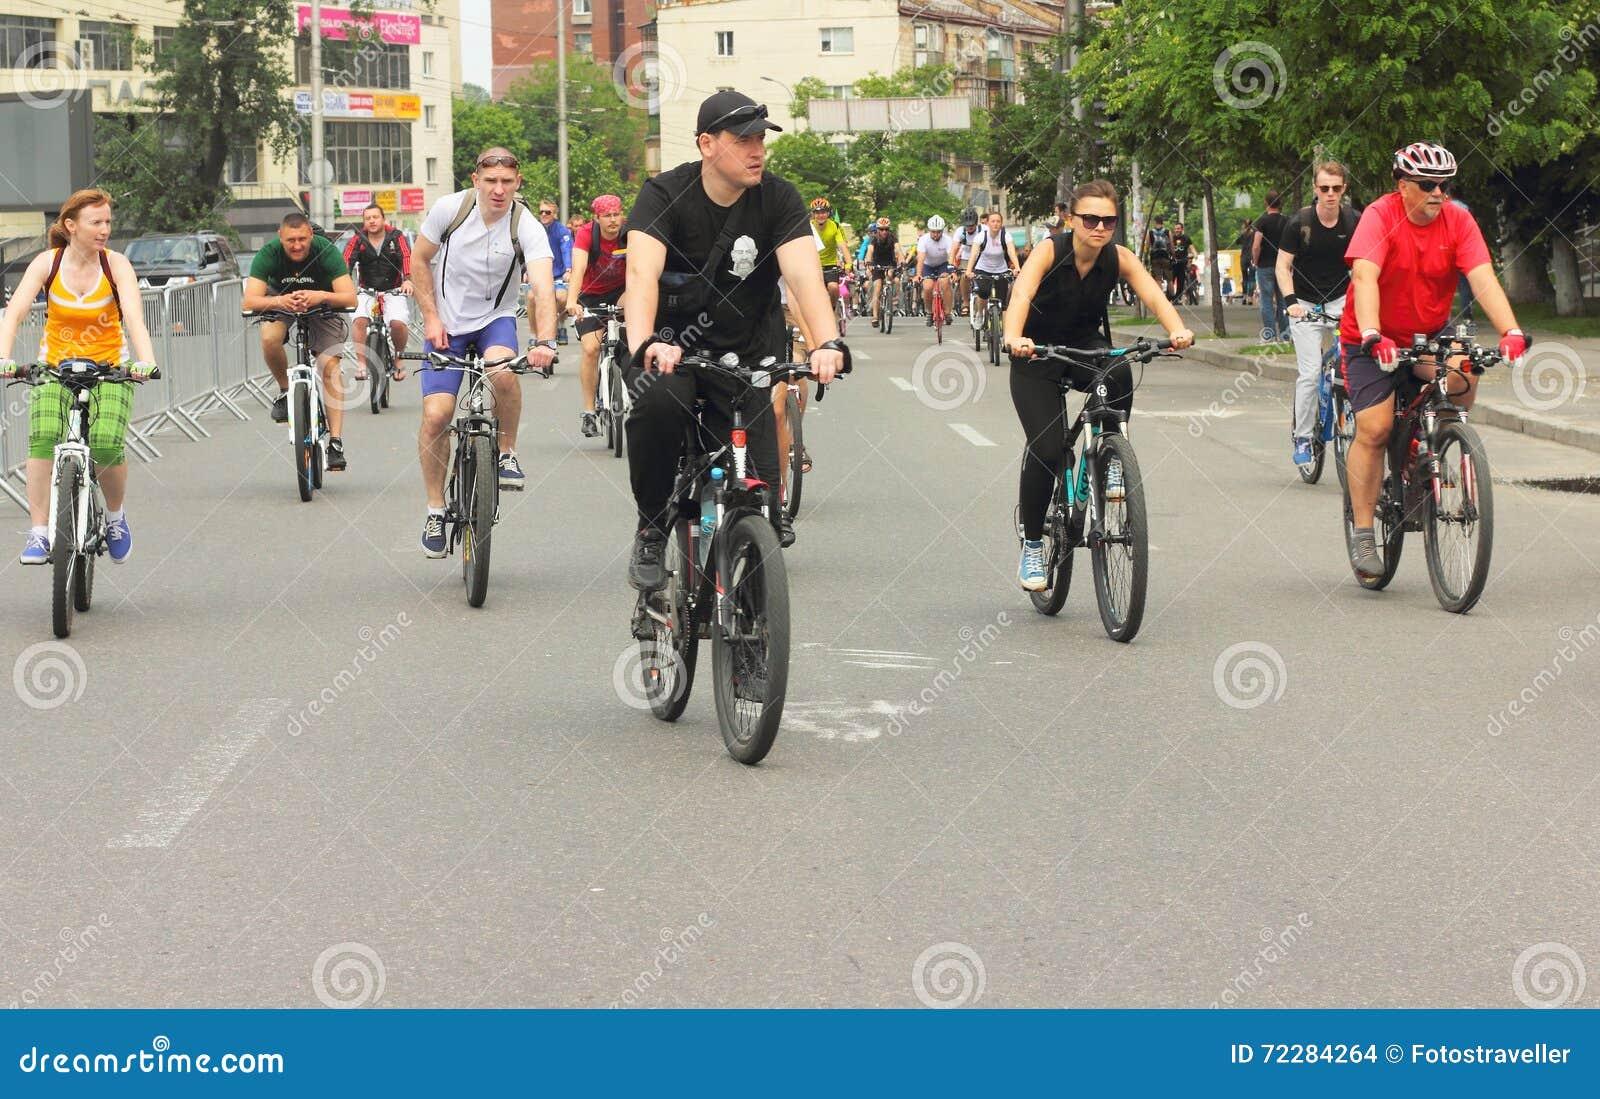 Download Спорт задействуя в городе редакционное стоковое изображение. изображение насчитывающей усмешка - 72284264